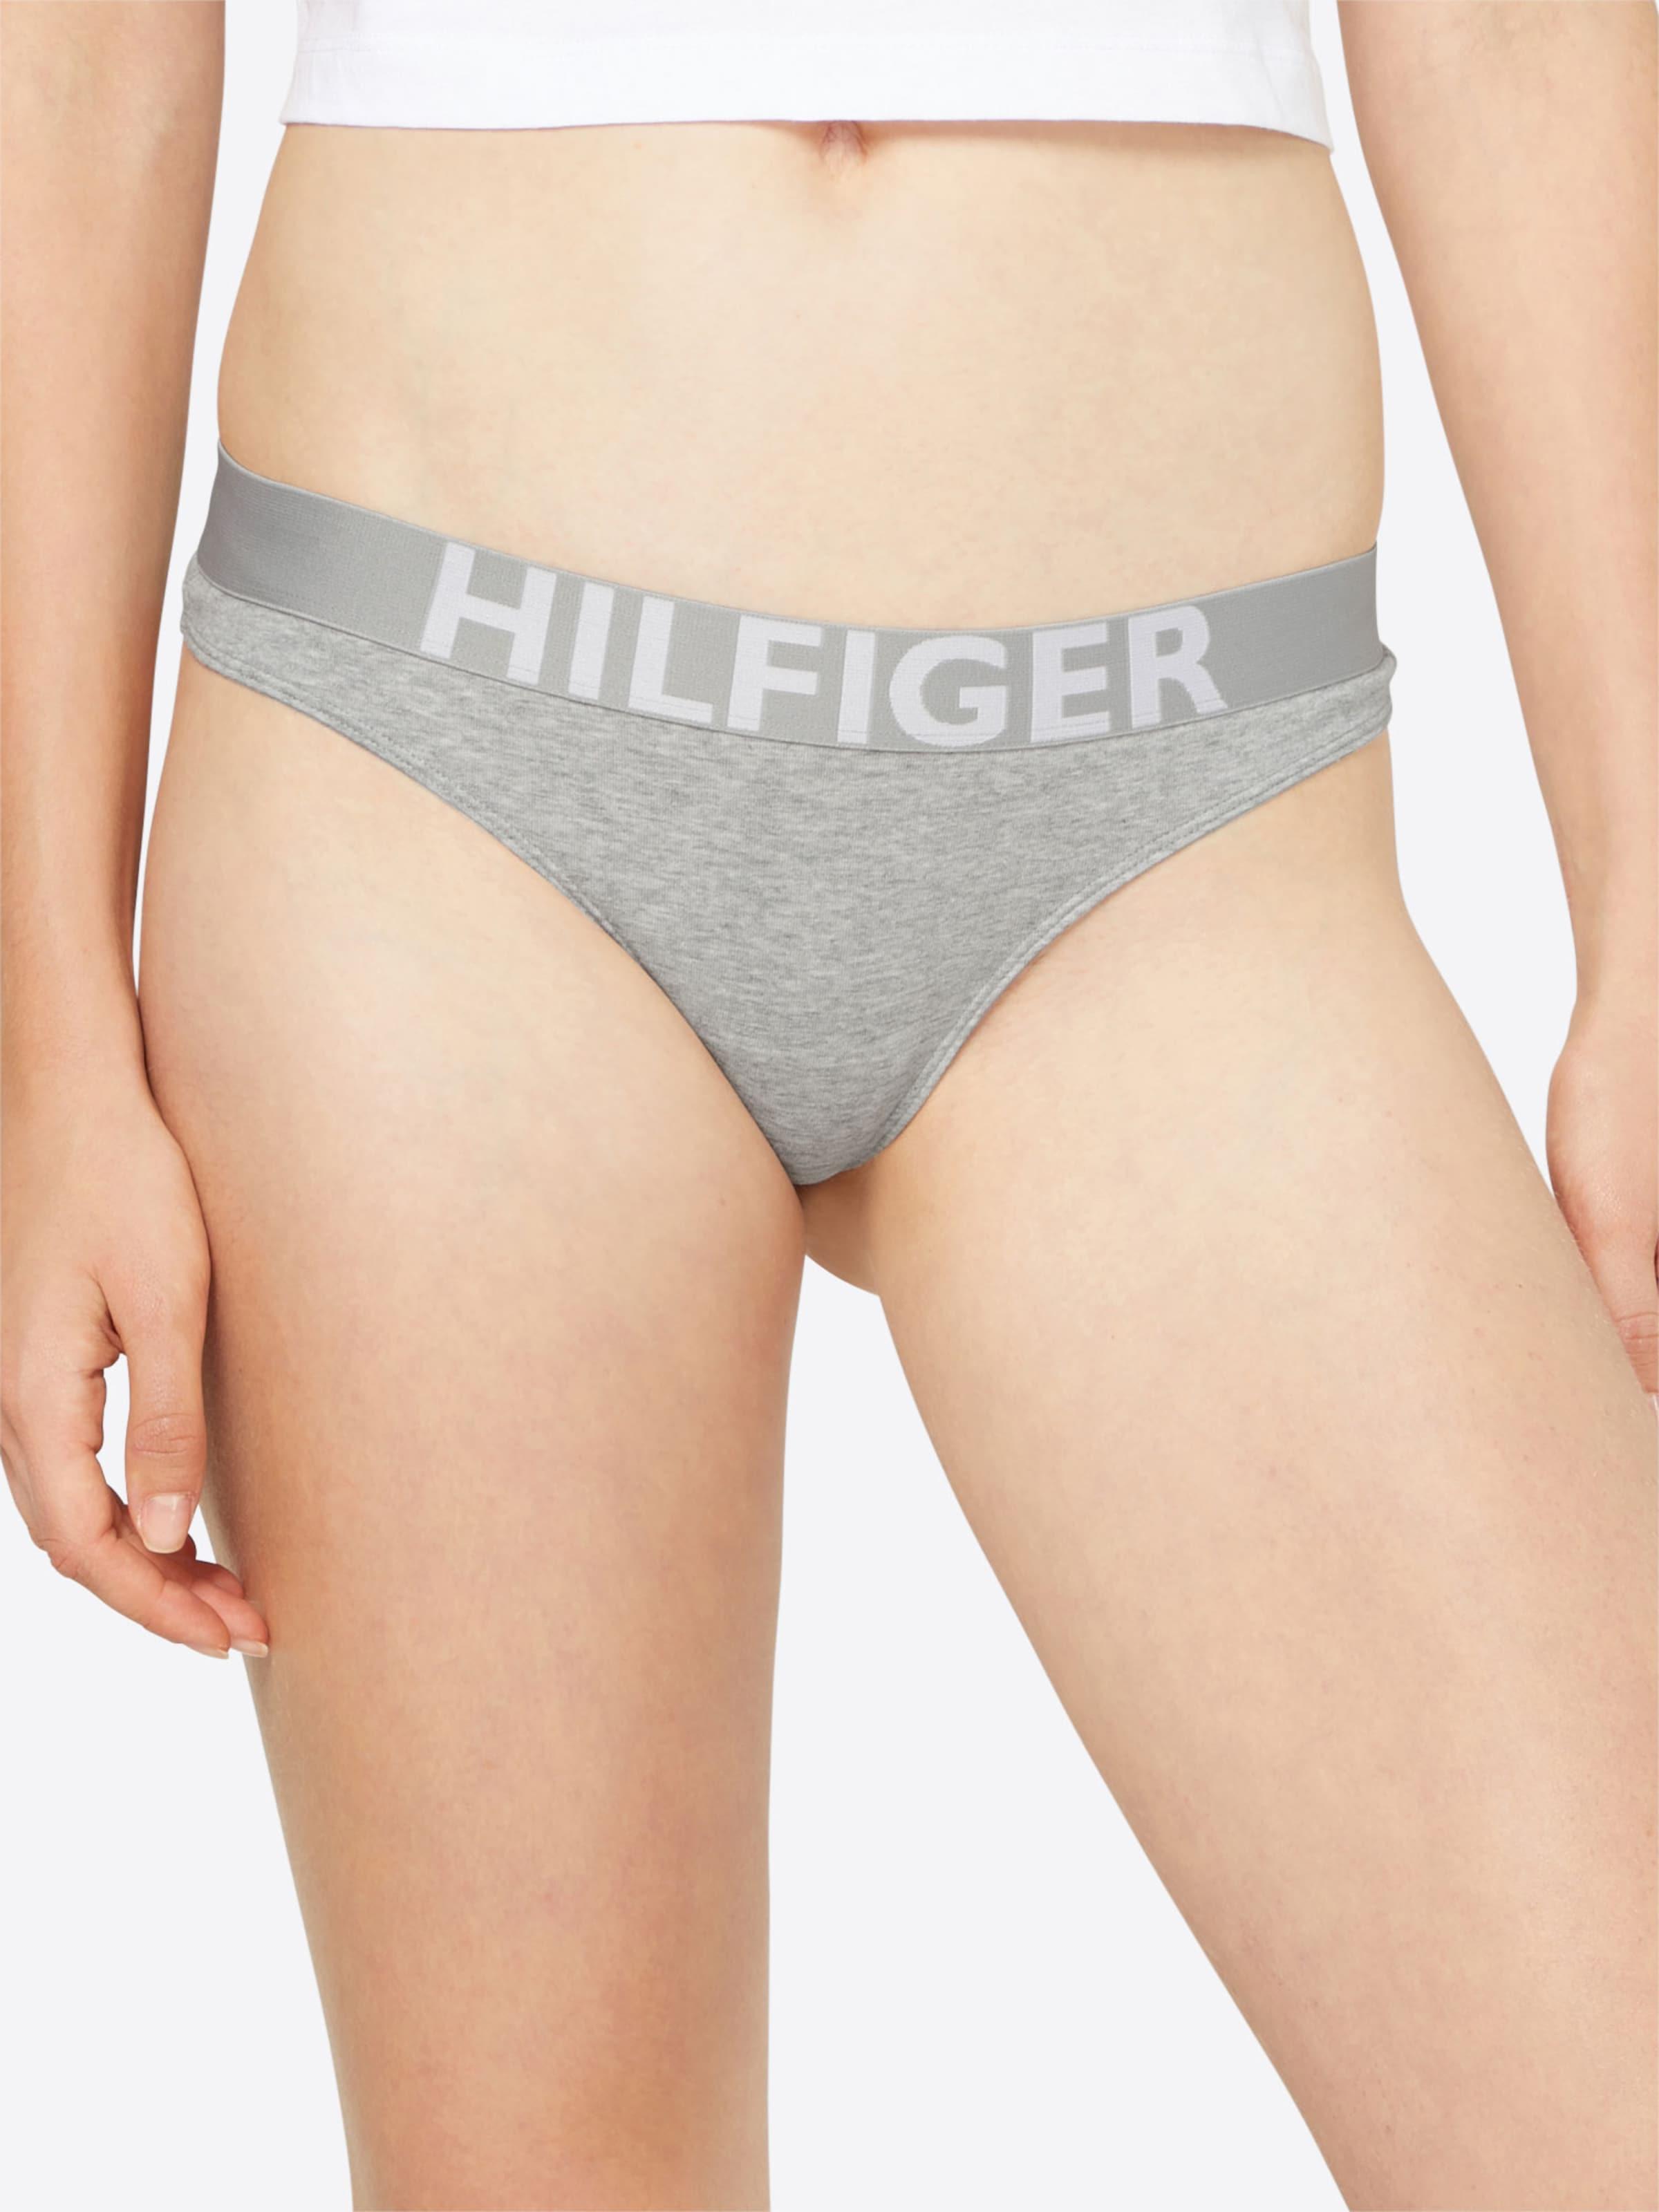 Tommy Hilfiger Underwear Tanga mit Logobund Rabatt Browse Manchester Großer Verkauf hYj384